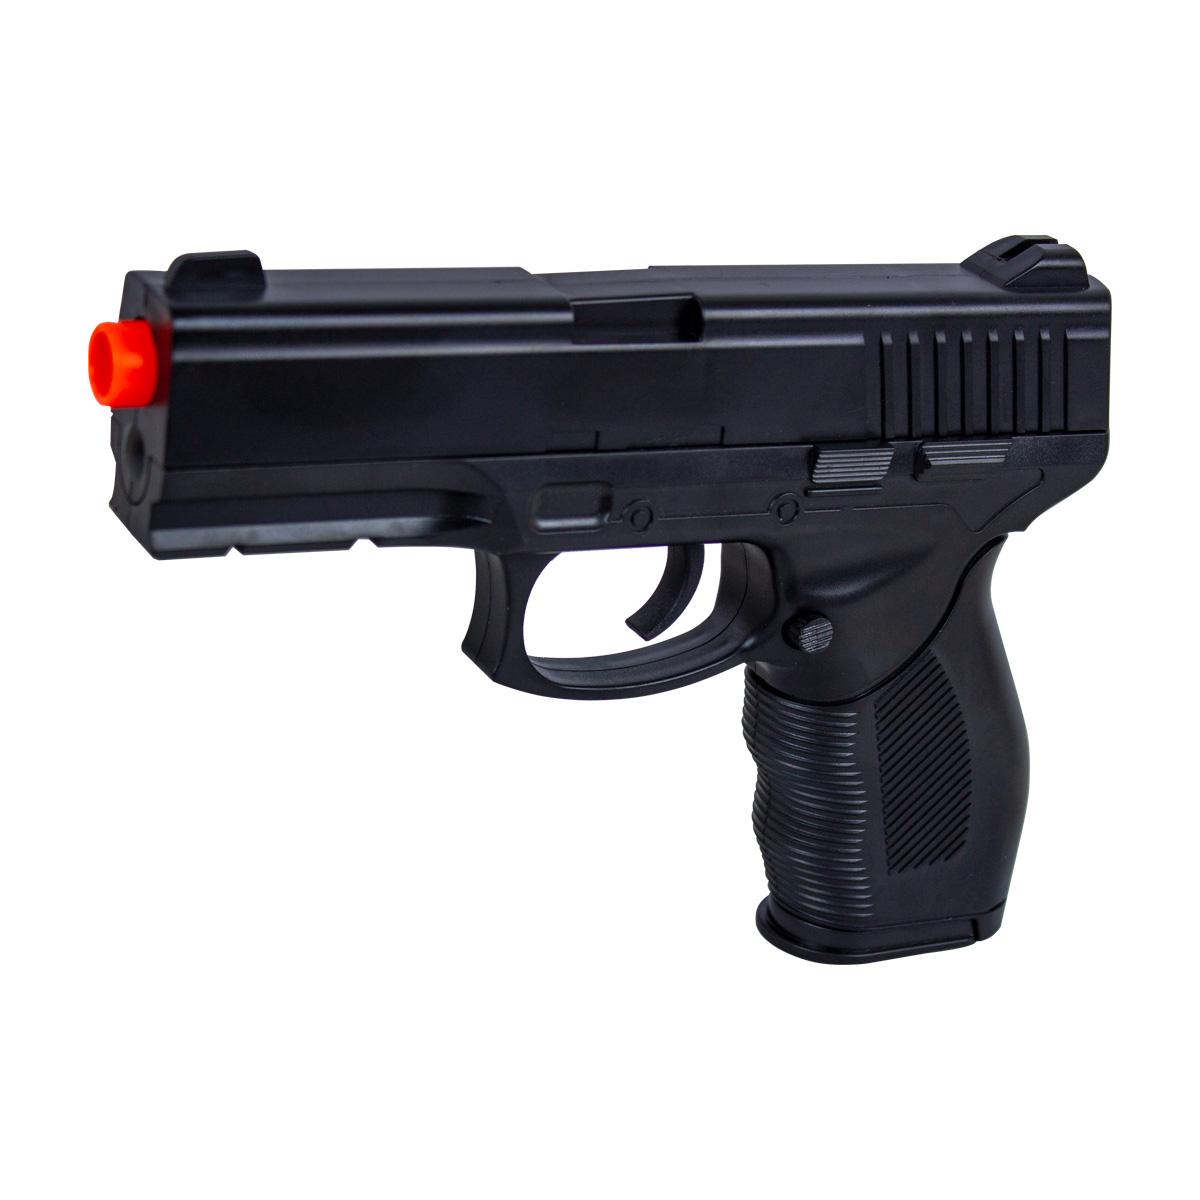 Pistola Airsoft Spring 24/7 V310 6MM  Mola - Vigor